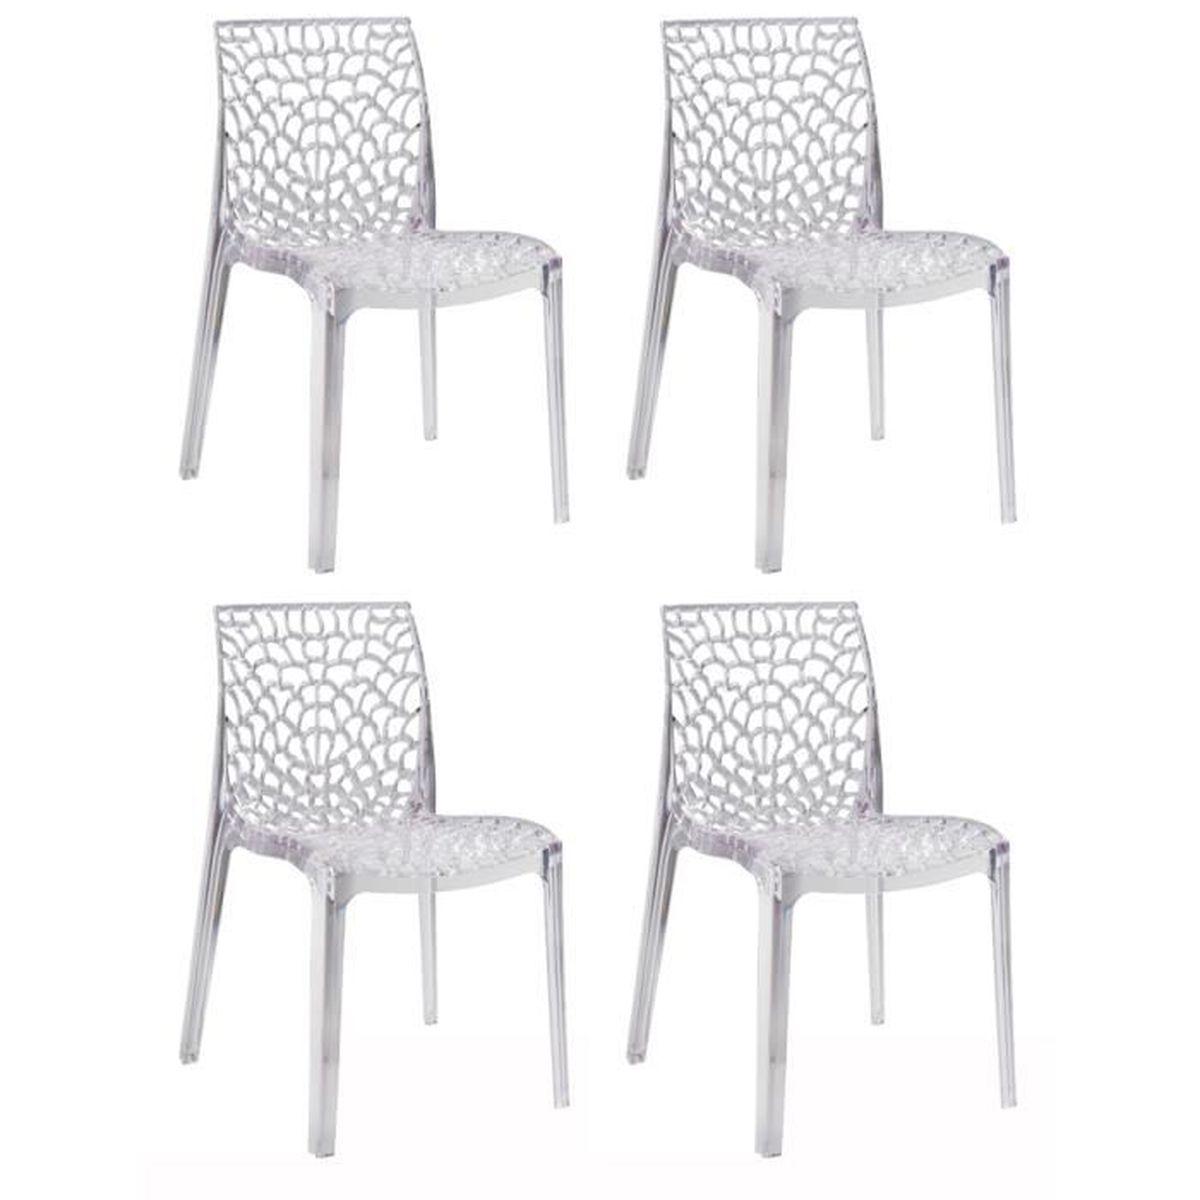 Chaise ajouree achat vente chaise ajouree pas cher for Soldes chaises transparentes